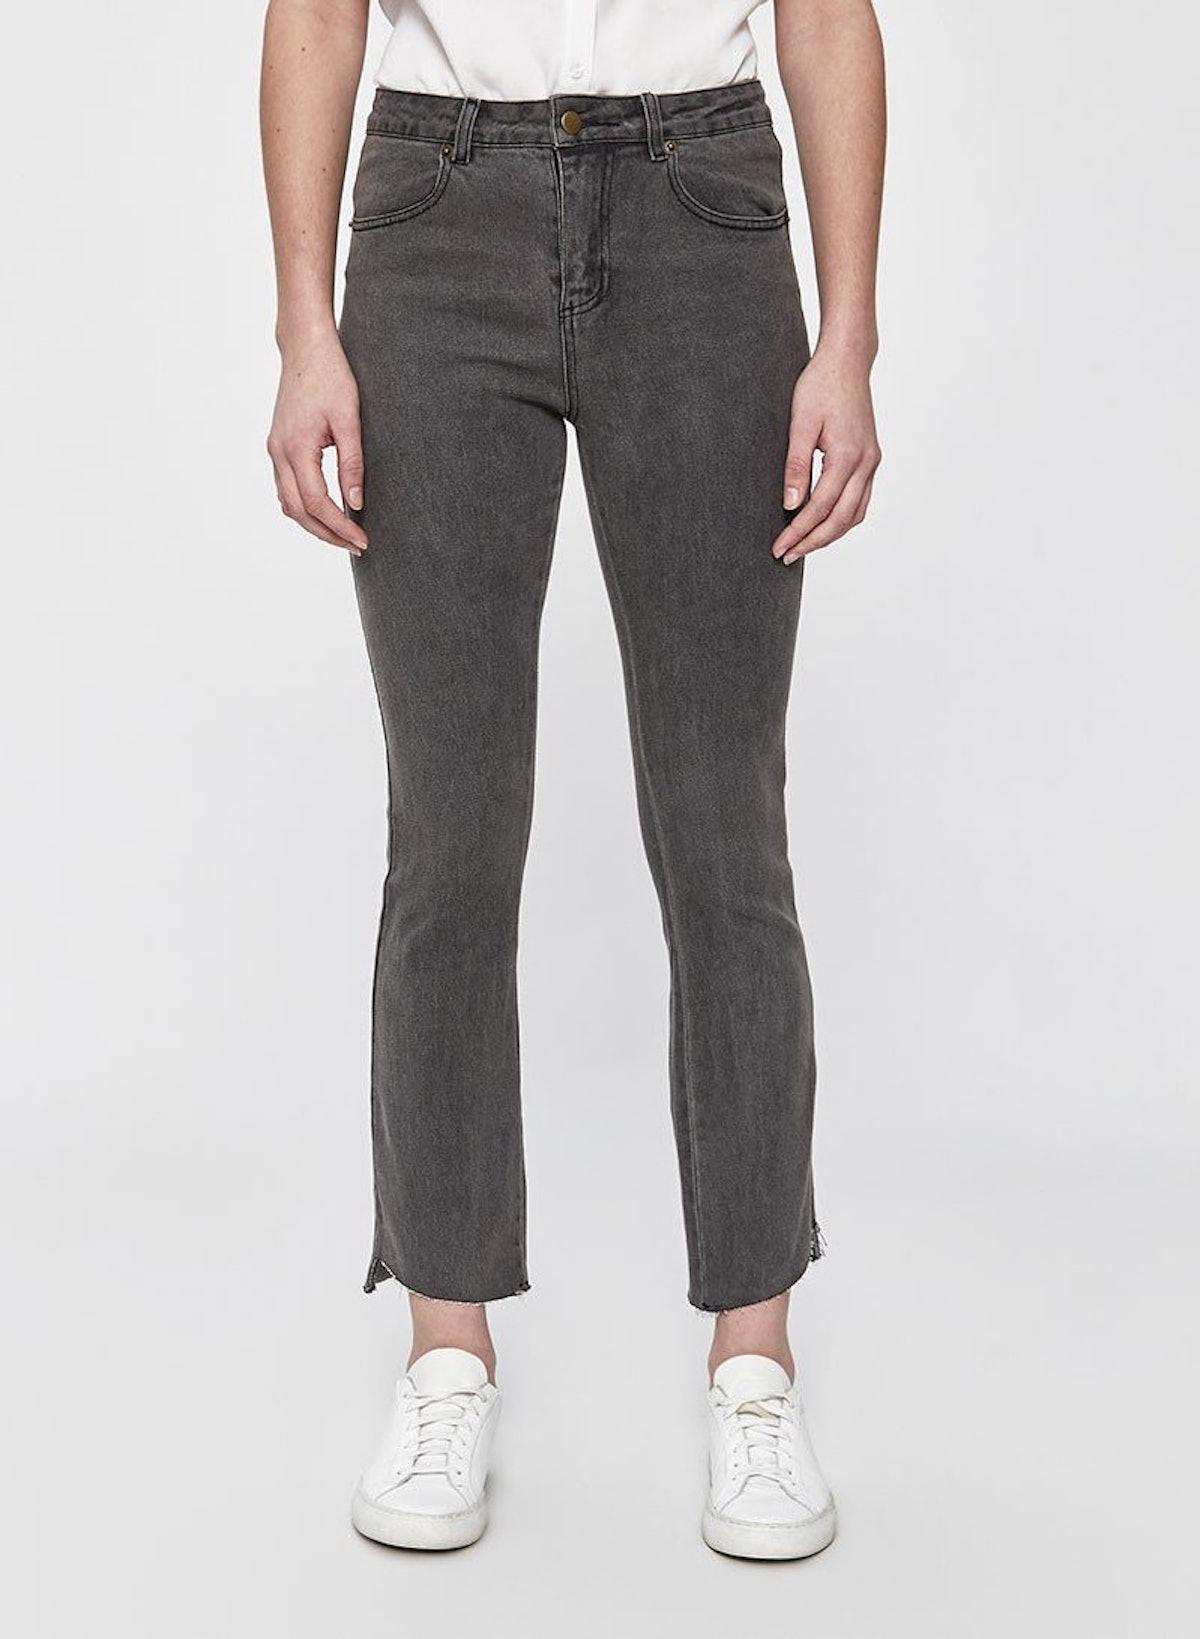 Lola Cropped Skinny Jean In Grey